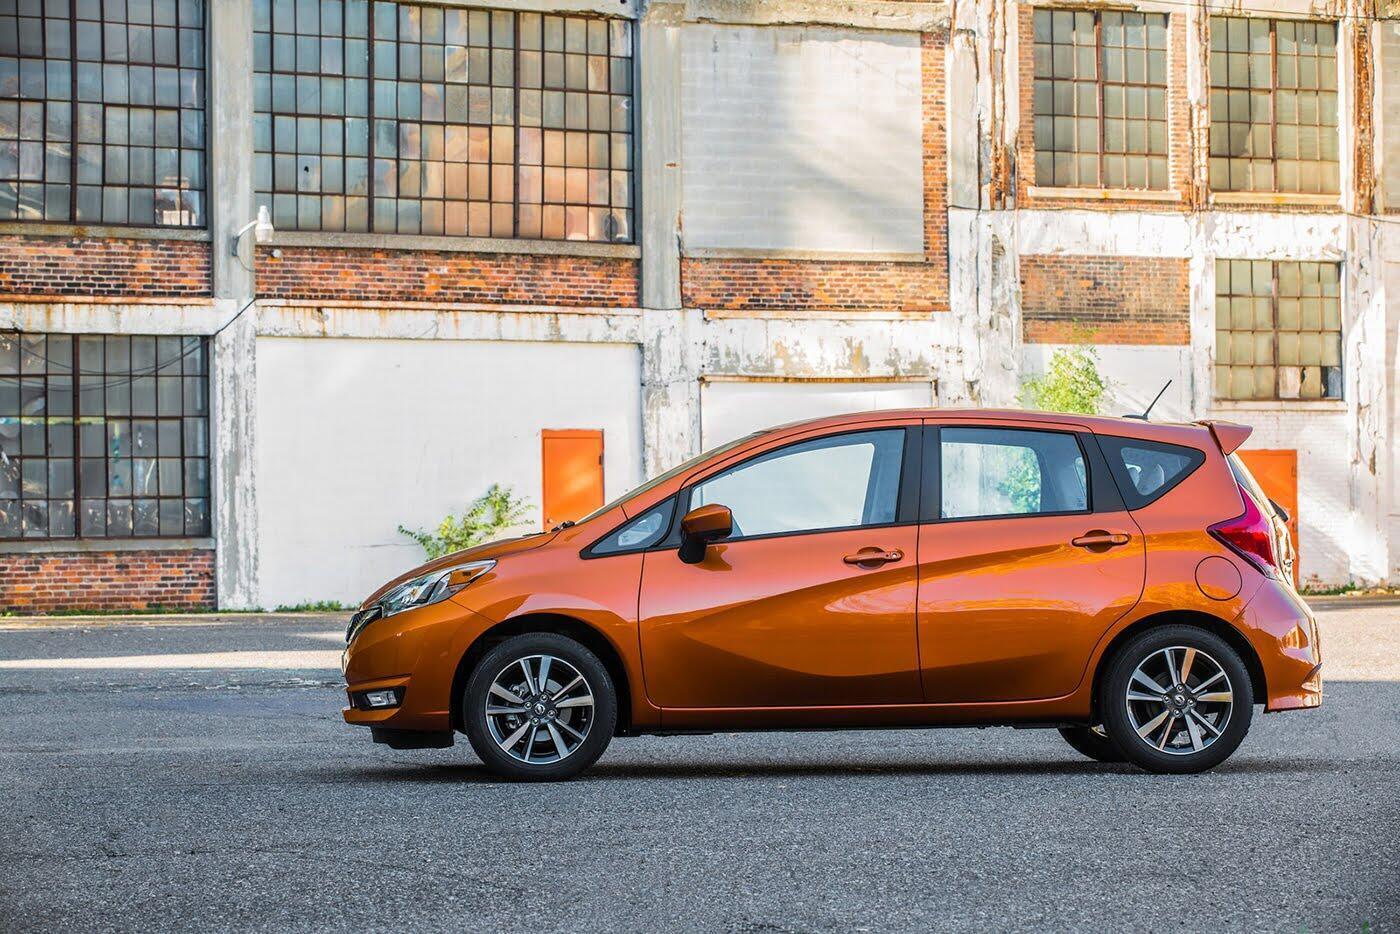 Nissan Sunny 2018 có thêm phiên bản hatchback - Hình 3